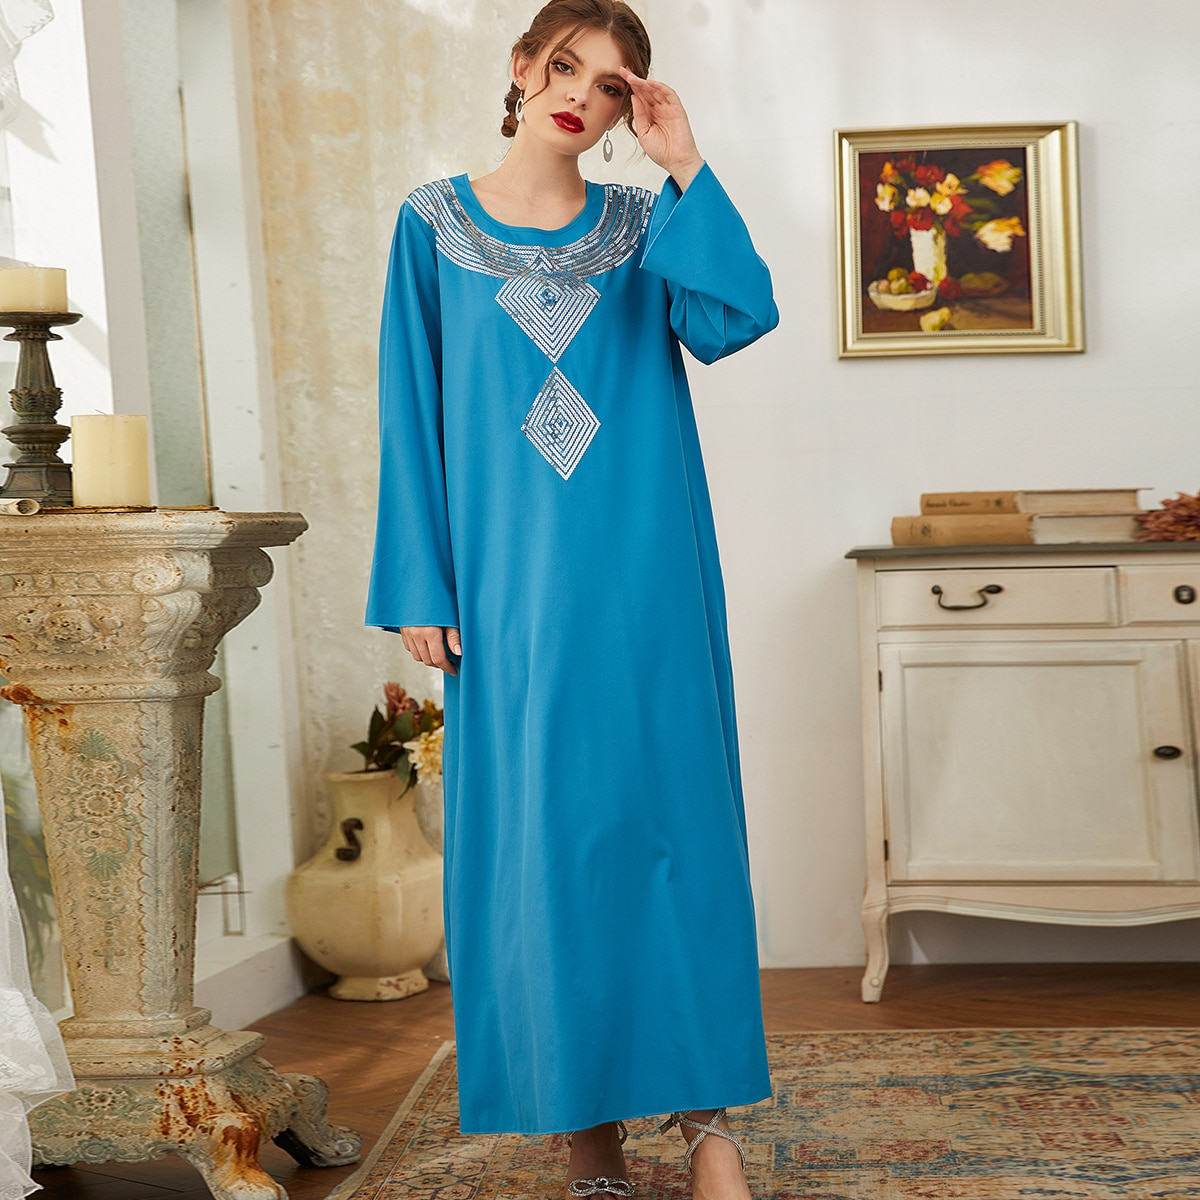 Контрастные блестки Контрастный цвет Геометрический принт Очаровательный Скромный Кафтан и Джалабия